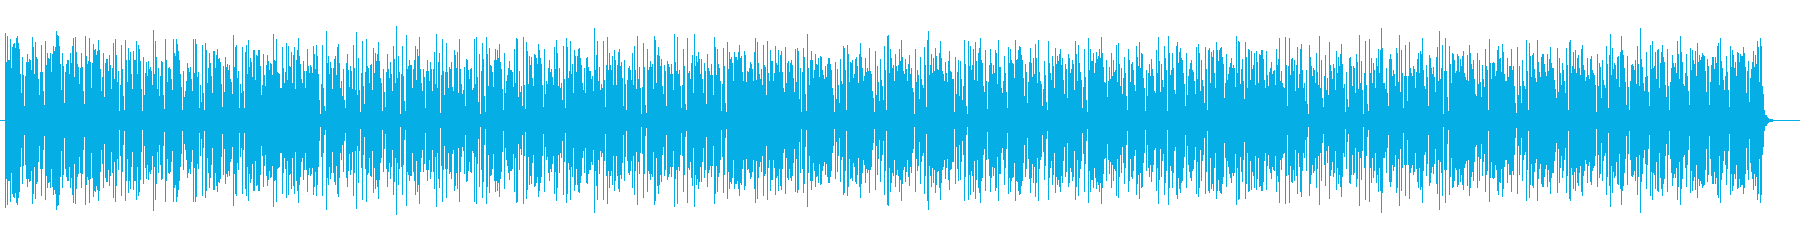 ポップで楽しくキャッチ―なポップスの再生済みの波形